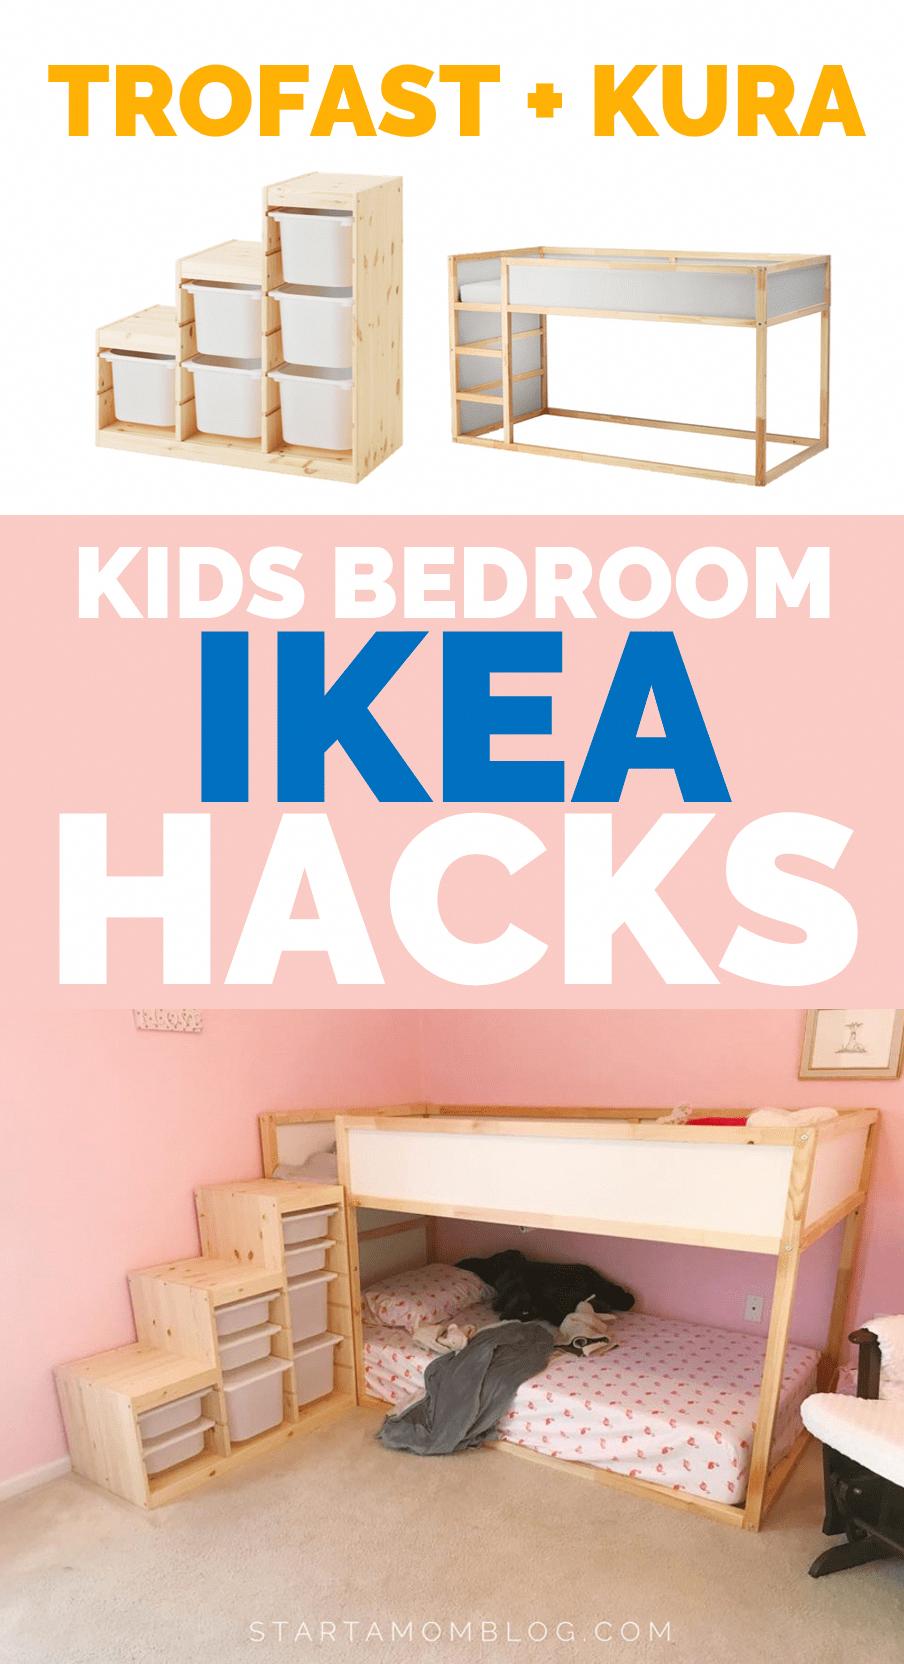 Ikea Hacks For Kids Bedroom Trofast And Kura Ikea Hack For Kids